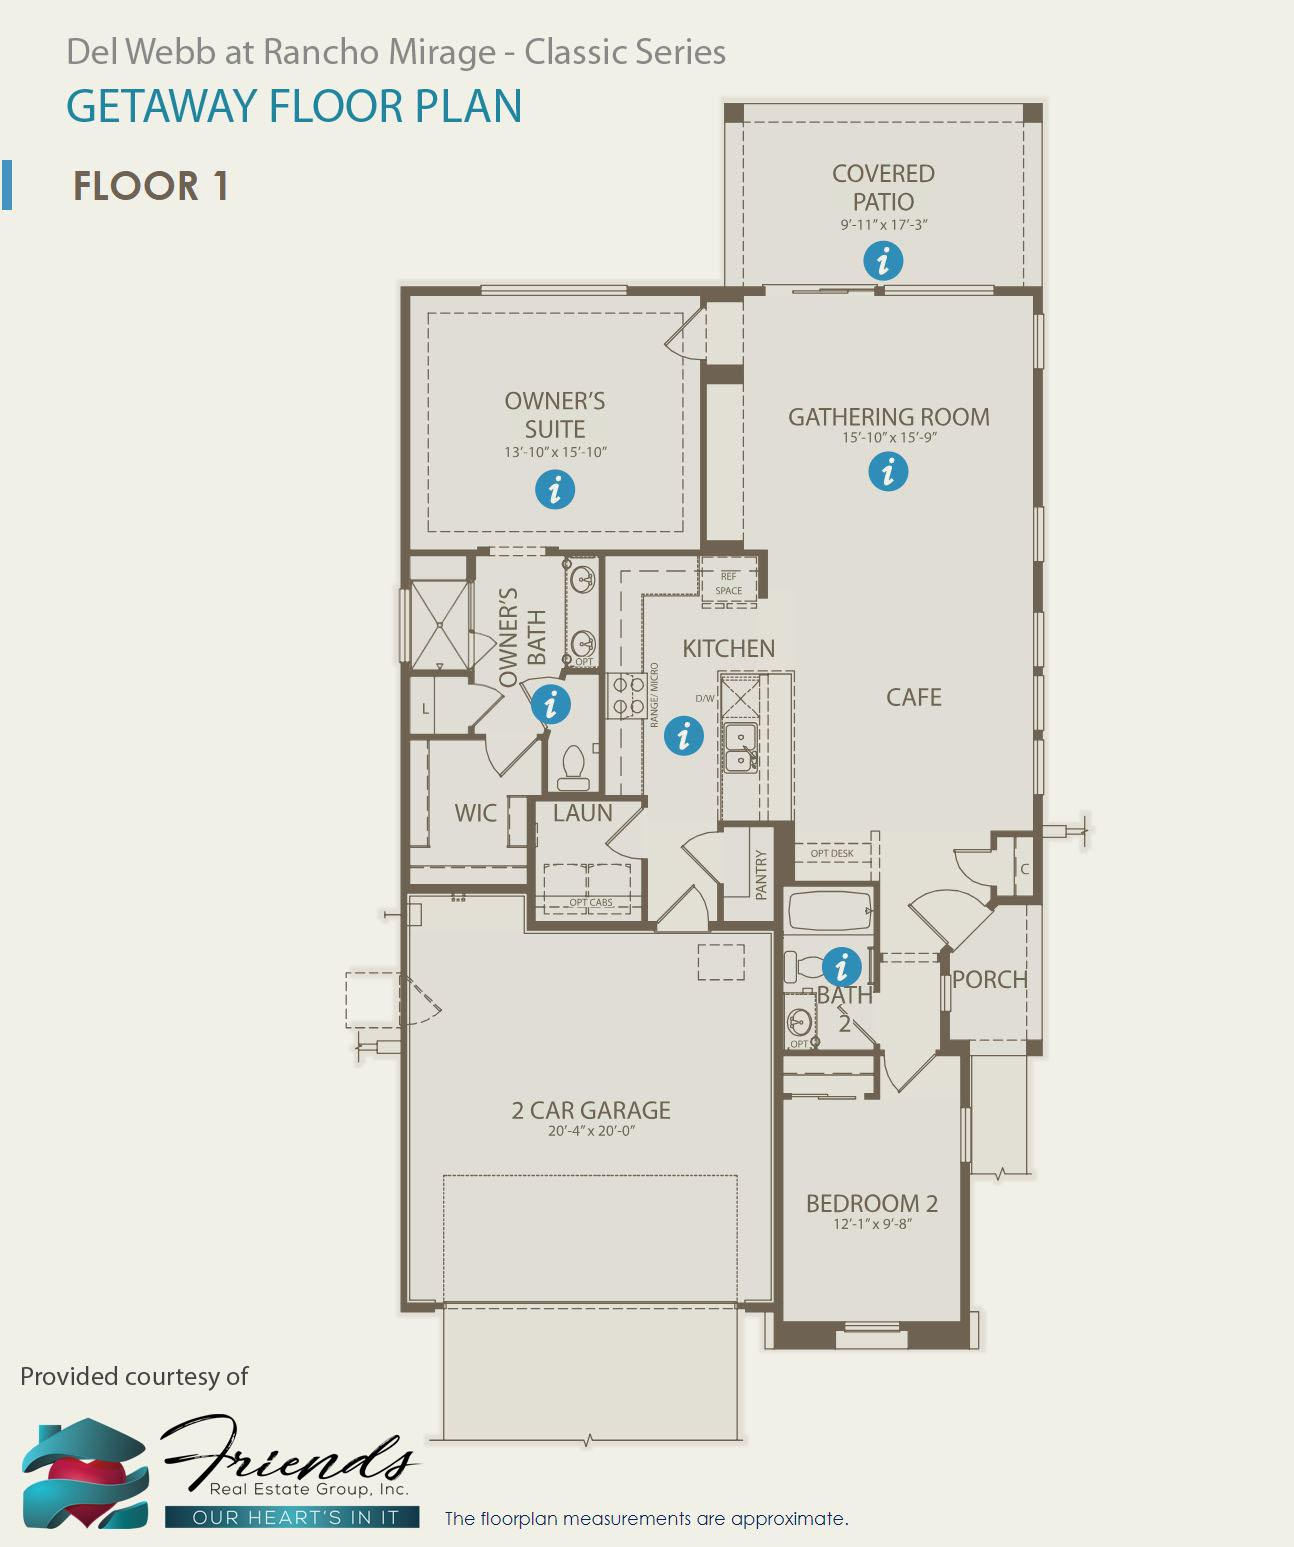 Classic Series ~ Getaway Floor Plan